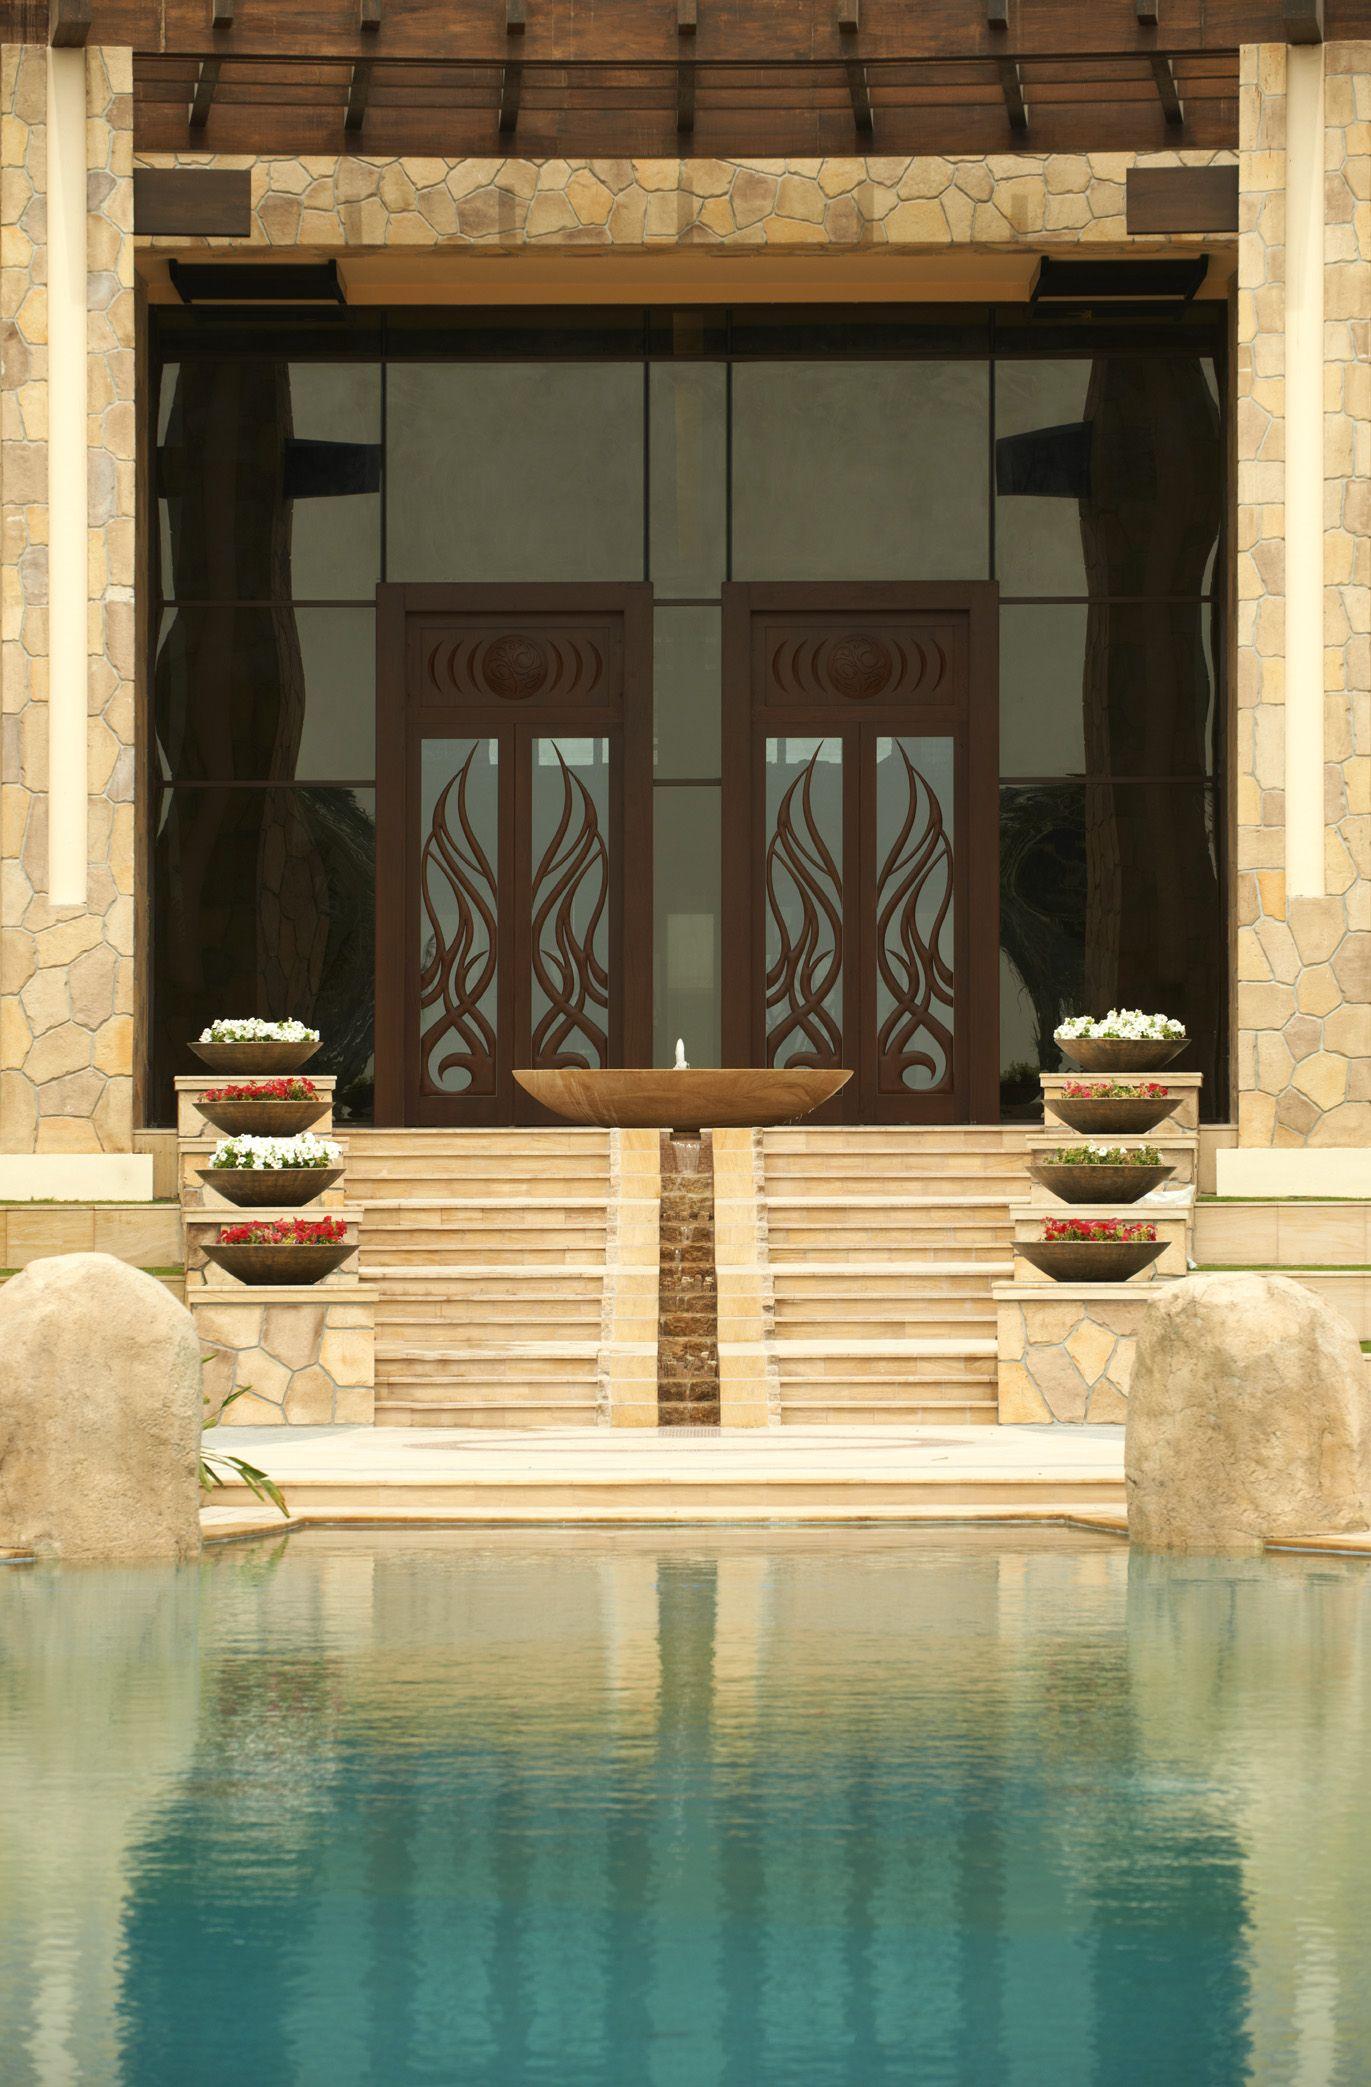 Sofitel Palm Dubai City